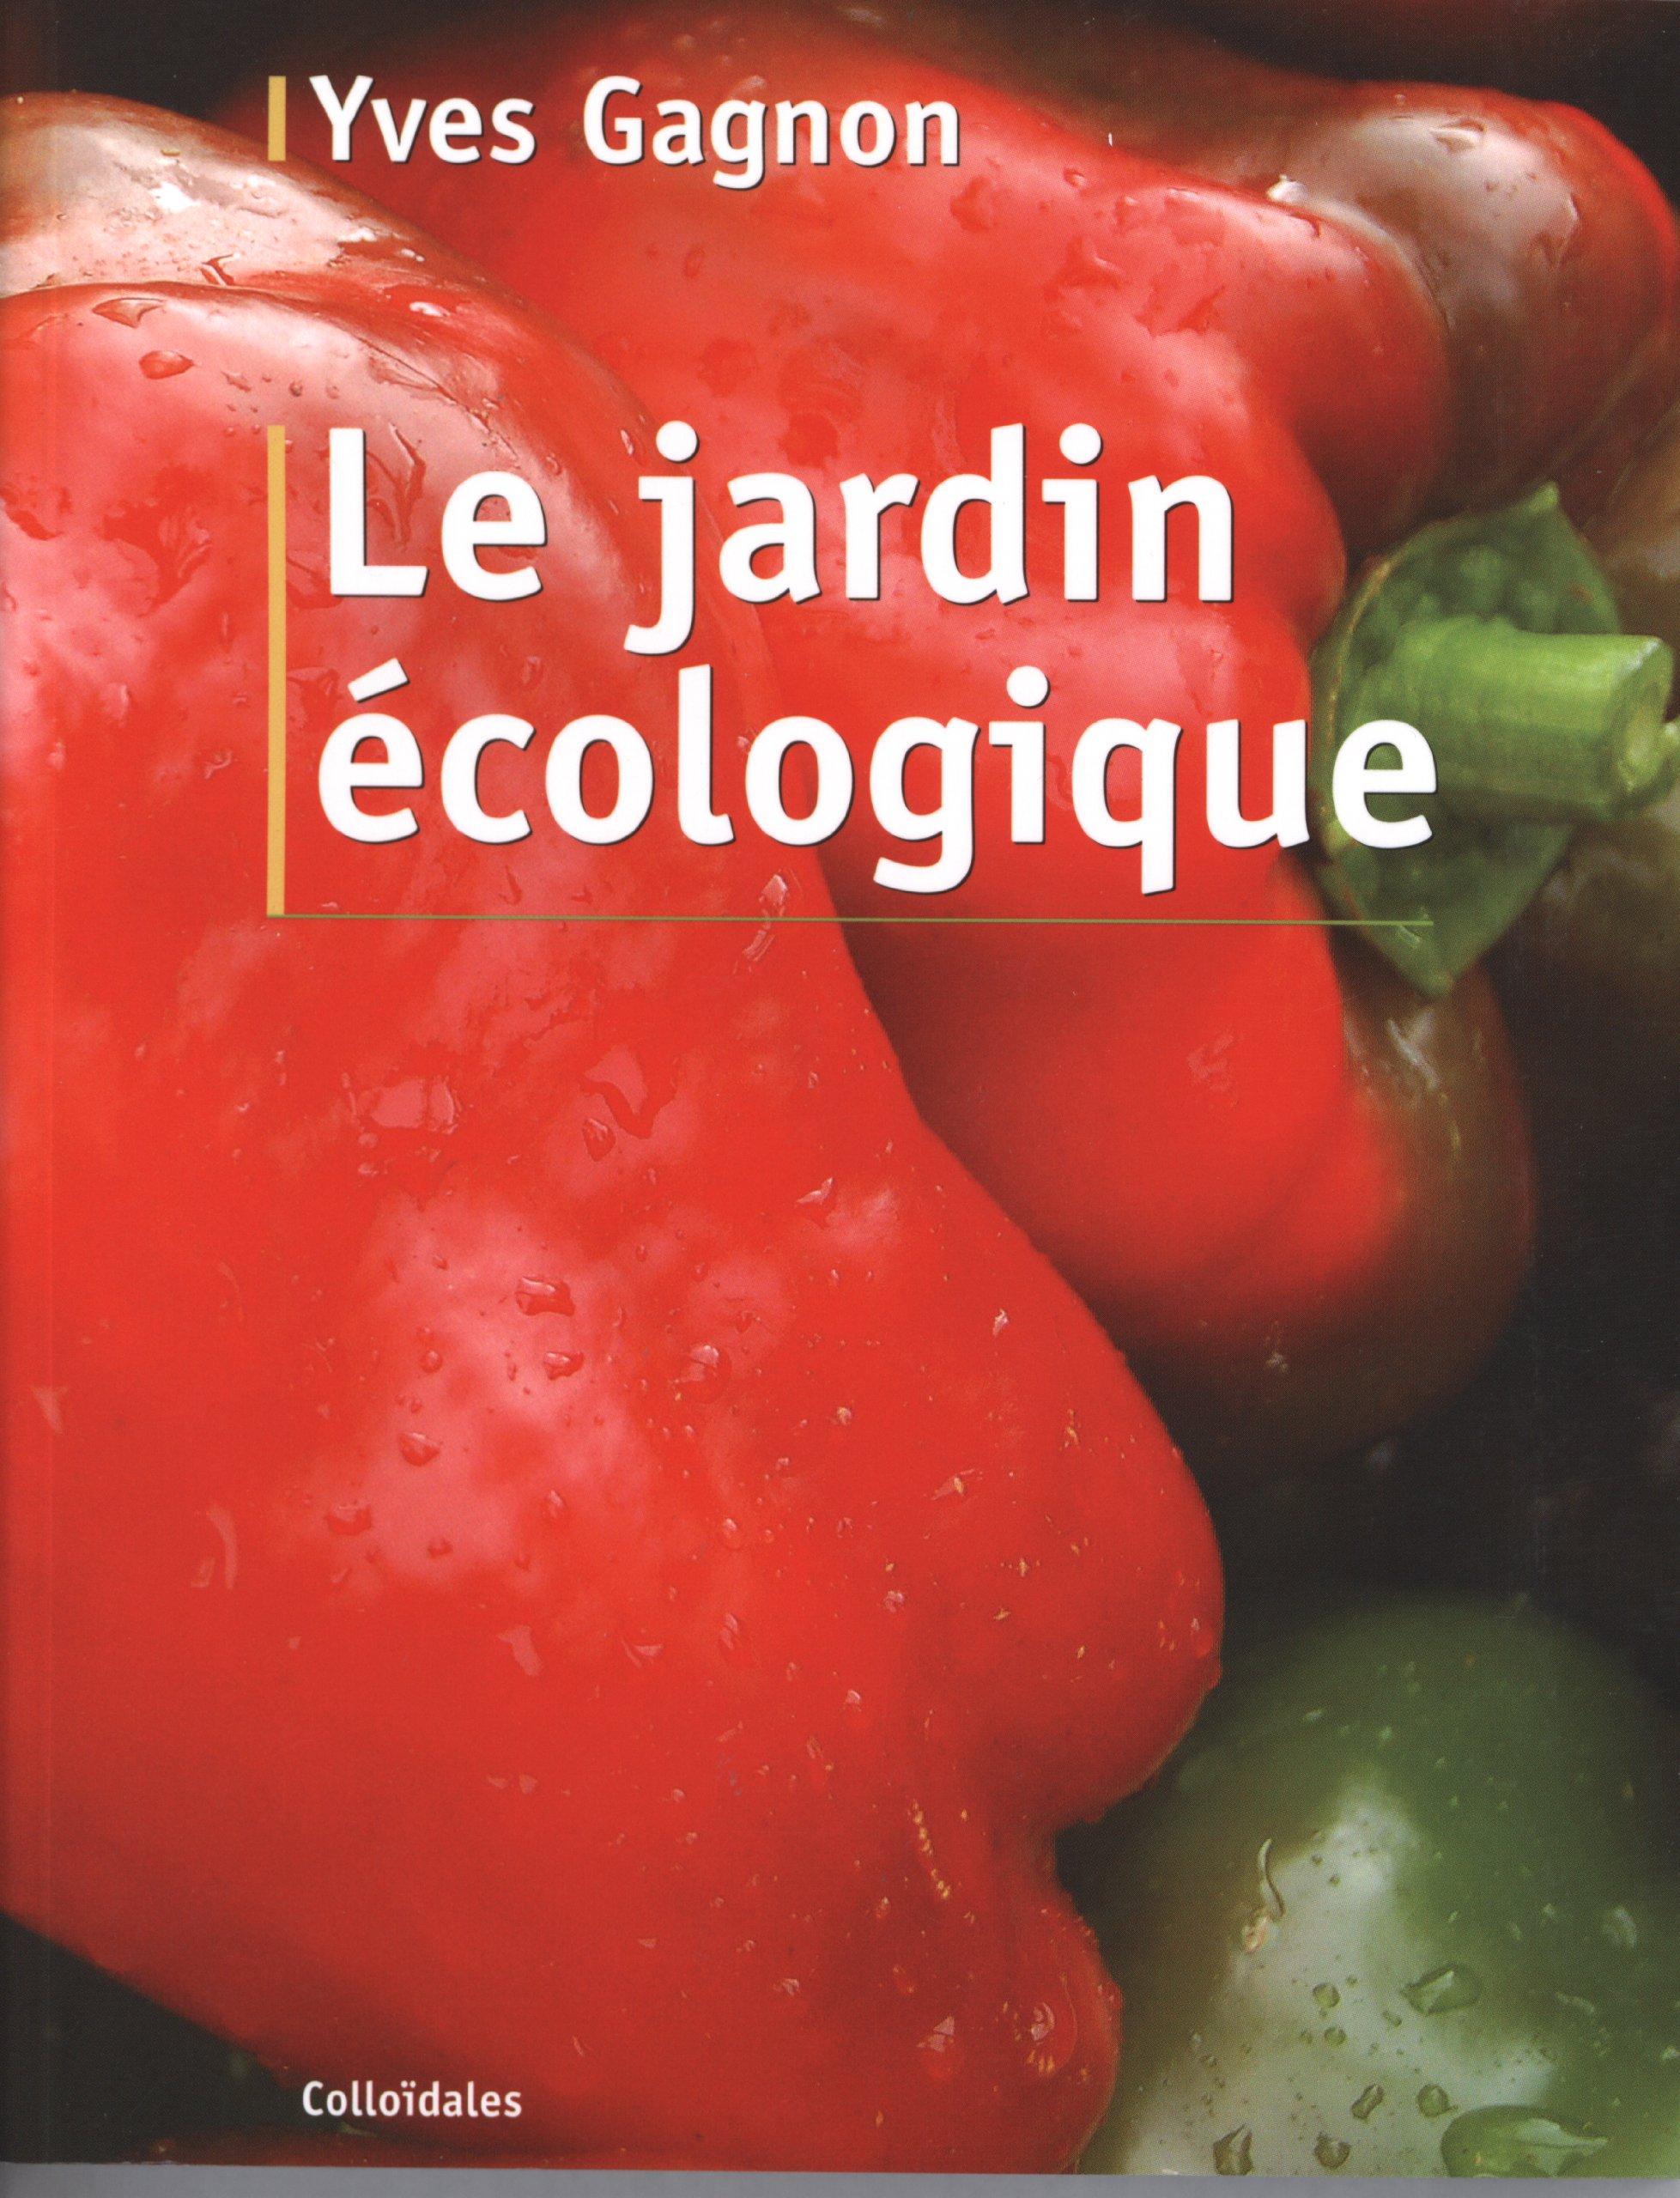 Le Jardin écologique, Yves Gagnon, potager